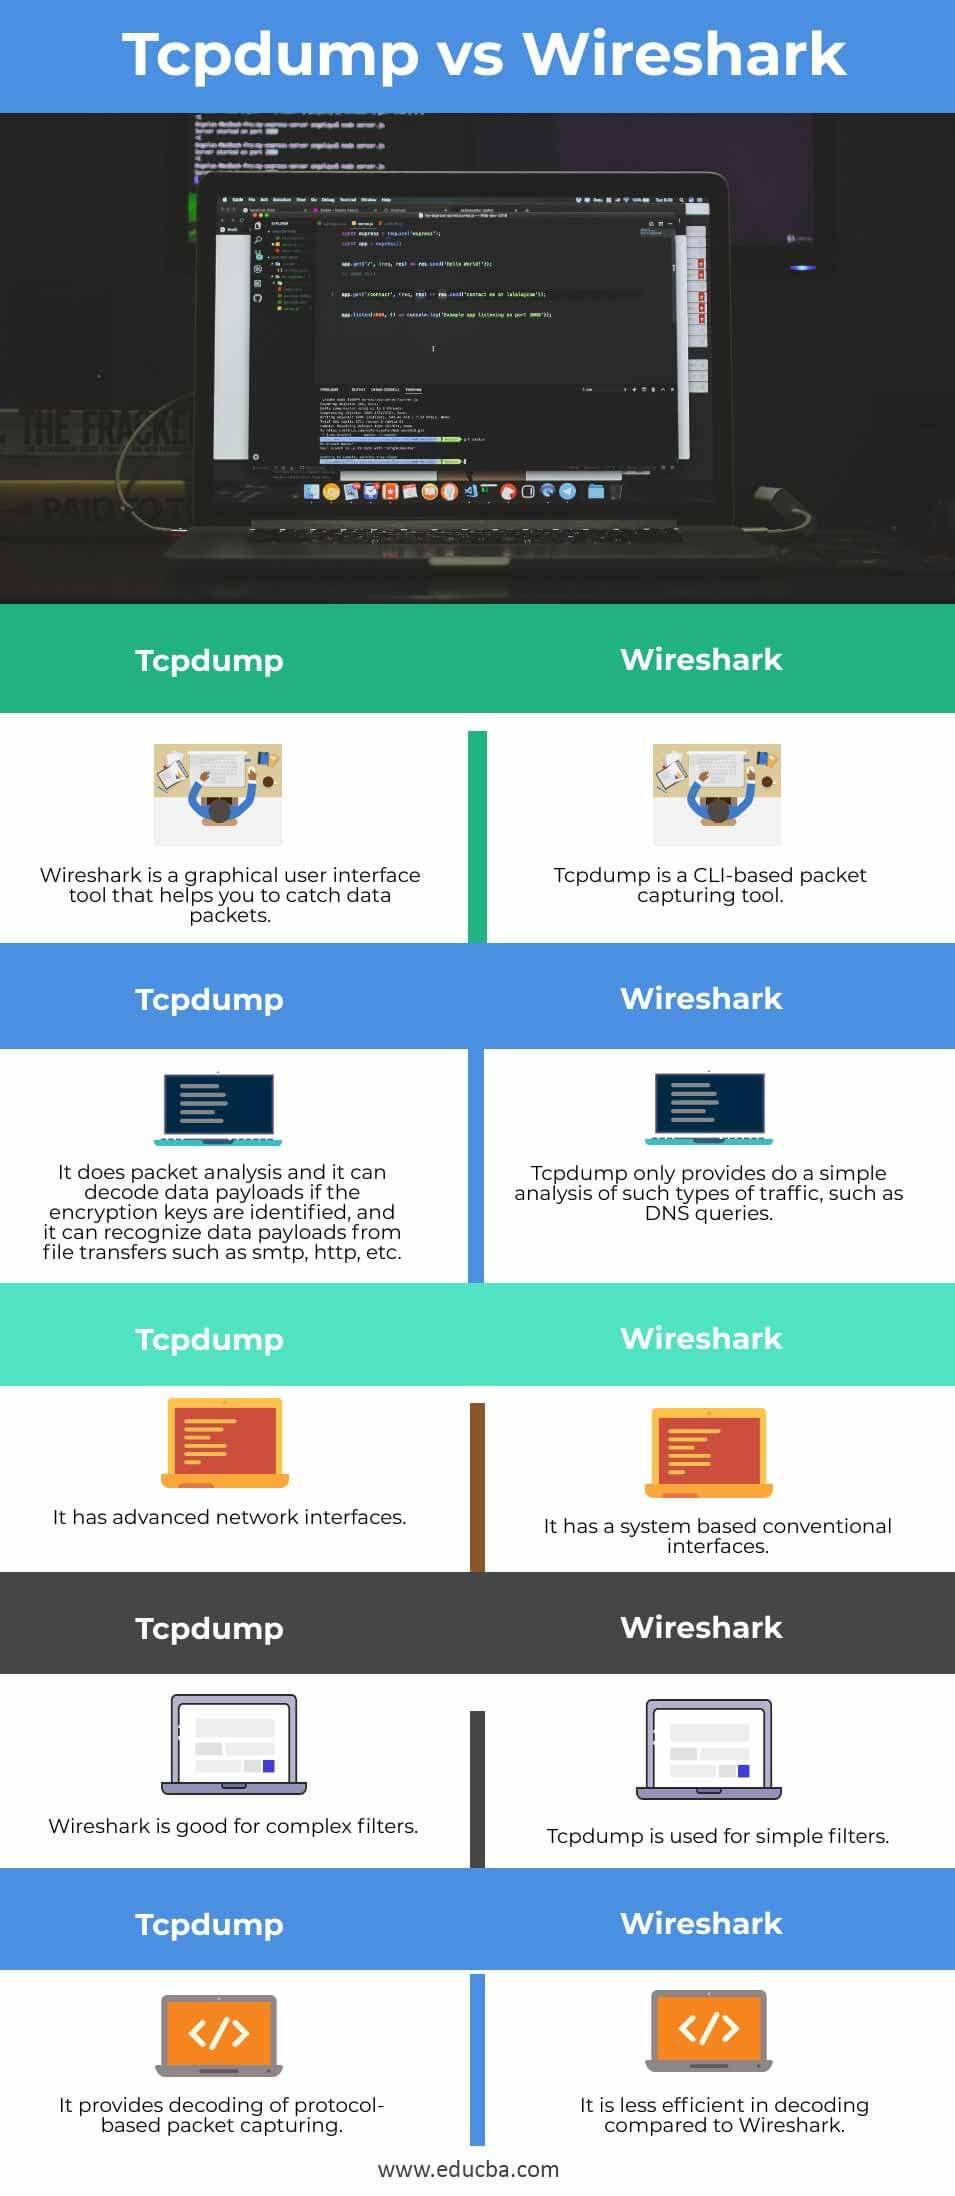 Tcpdump-vs-Wireshark-info